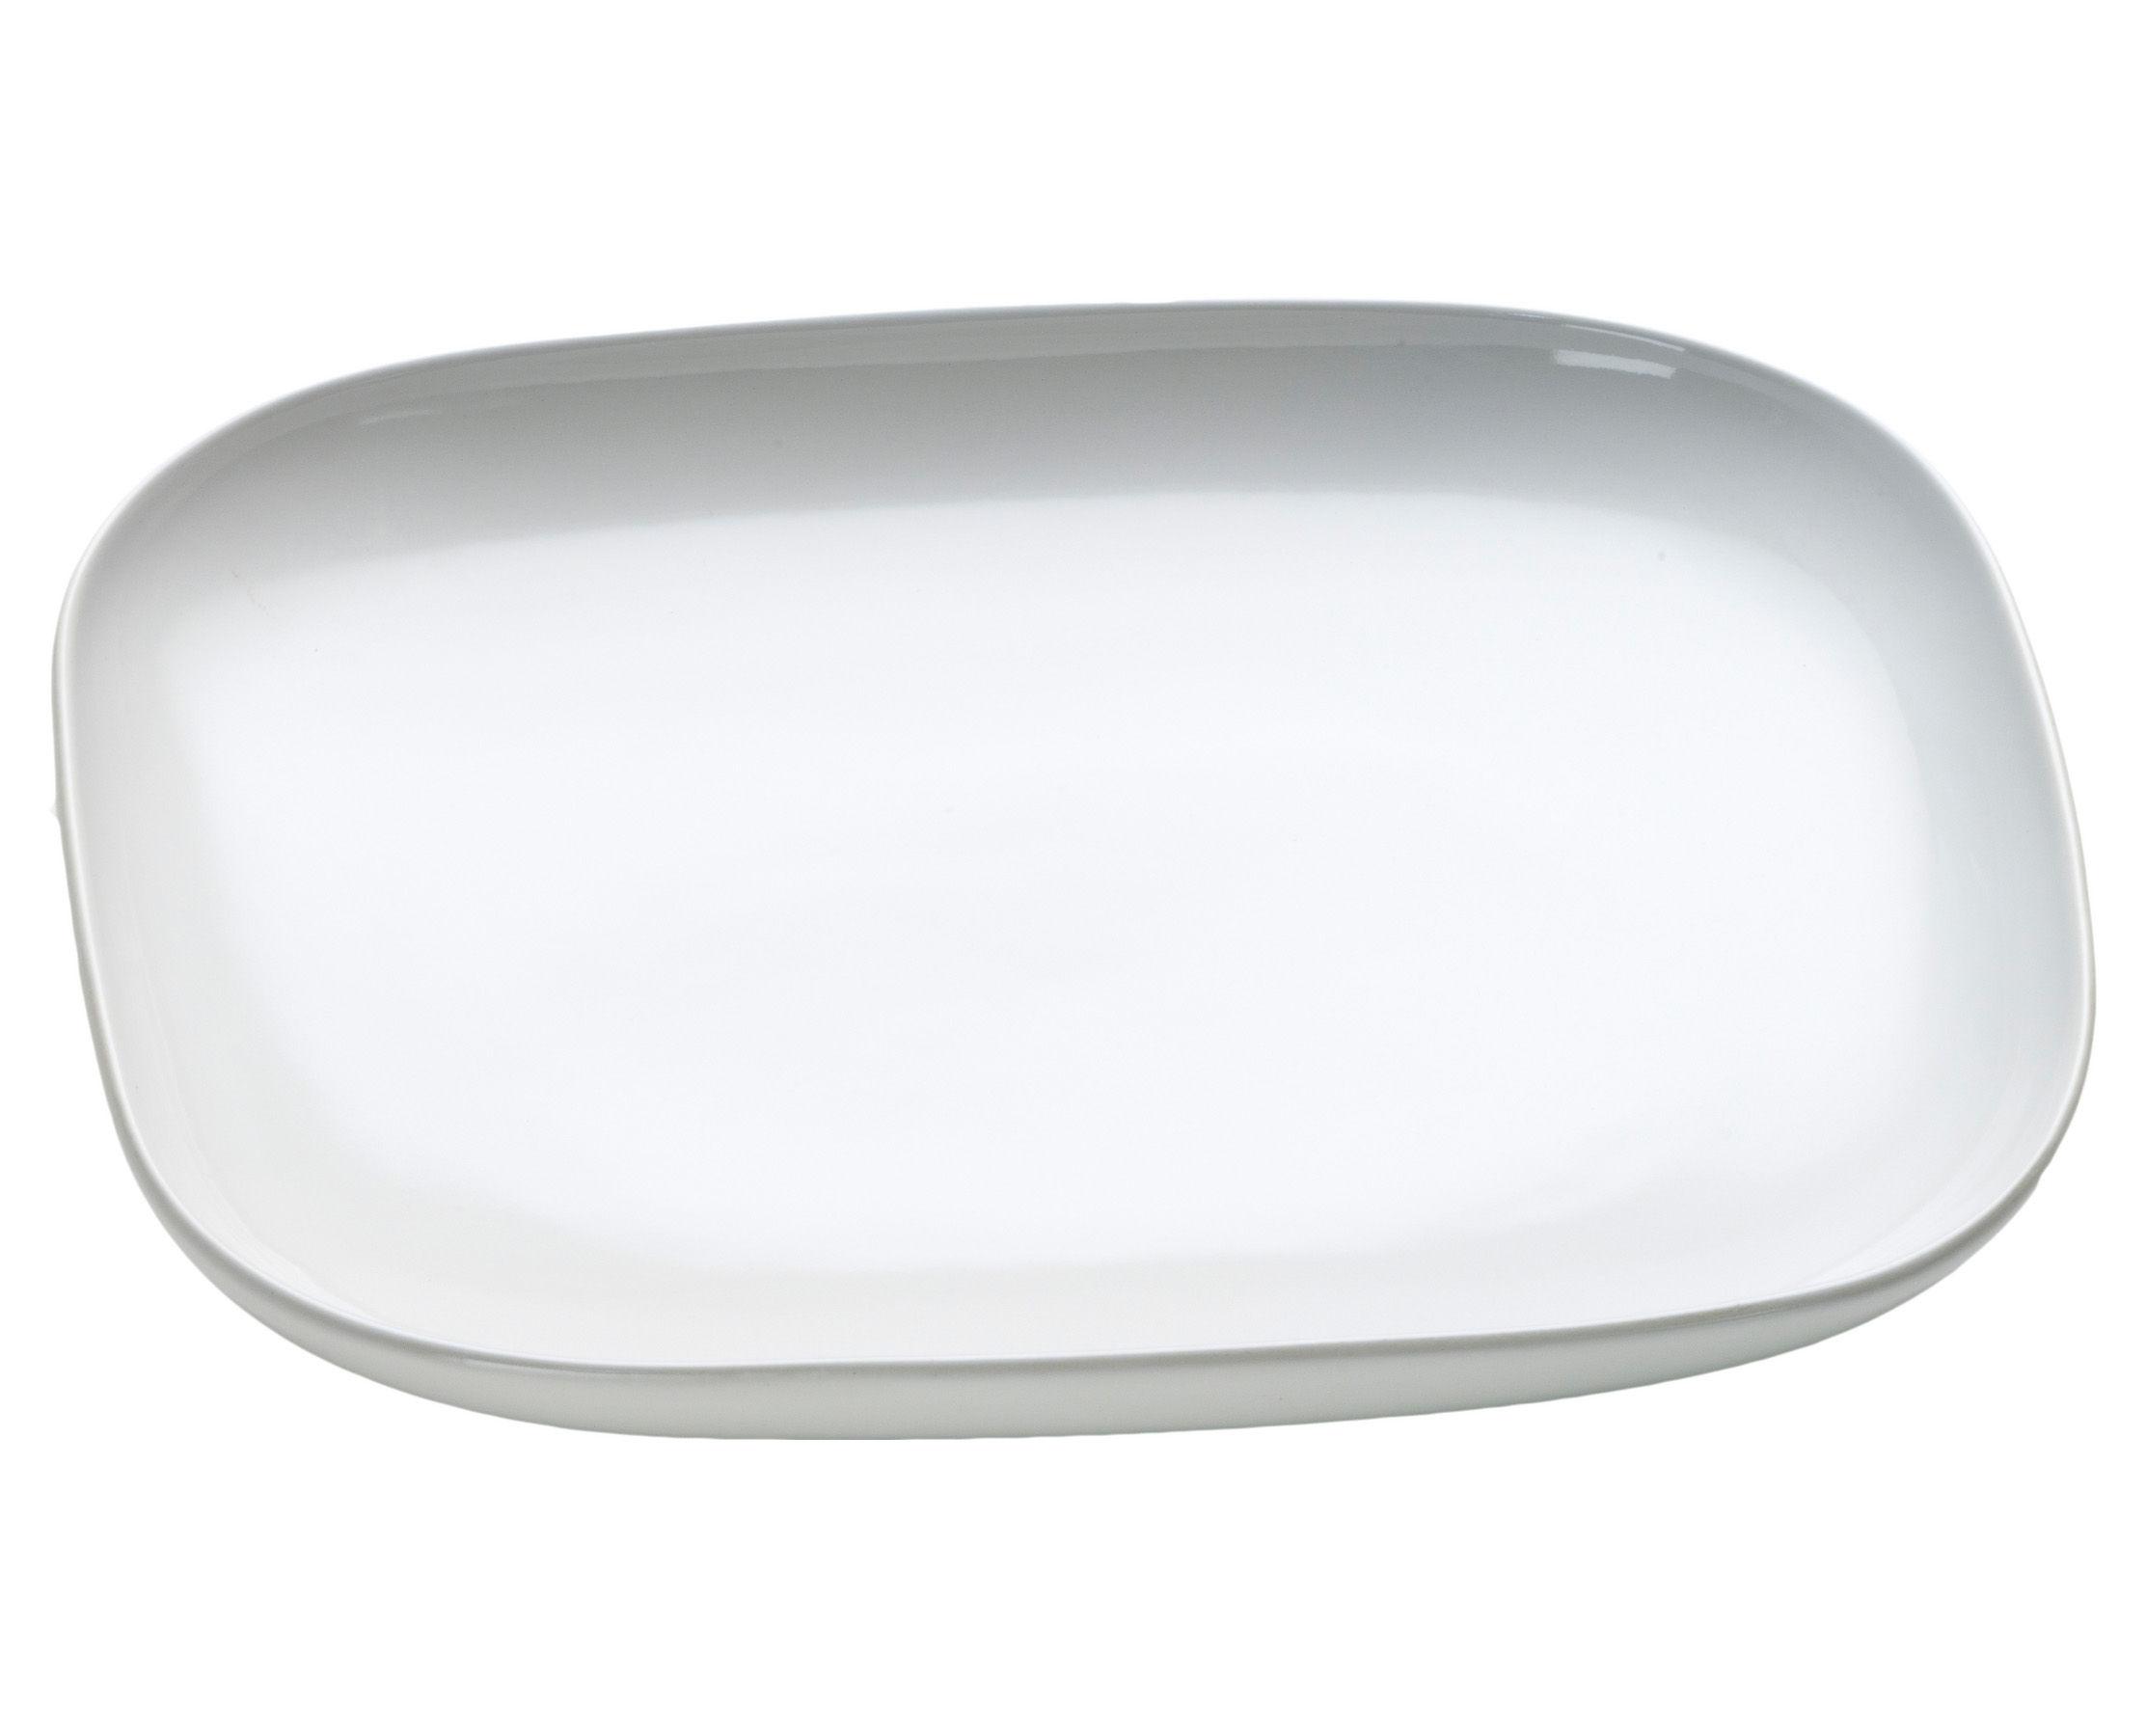 Tischkultur - Teller - Ovale Dessertteller - Alessi - Weiß - Keramik im Steinzeugton